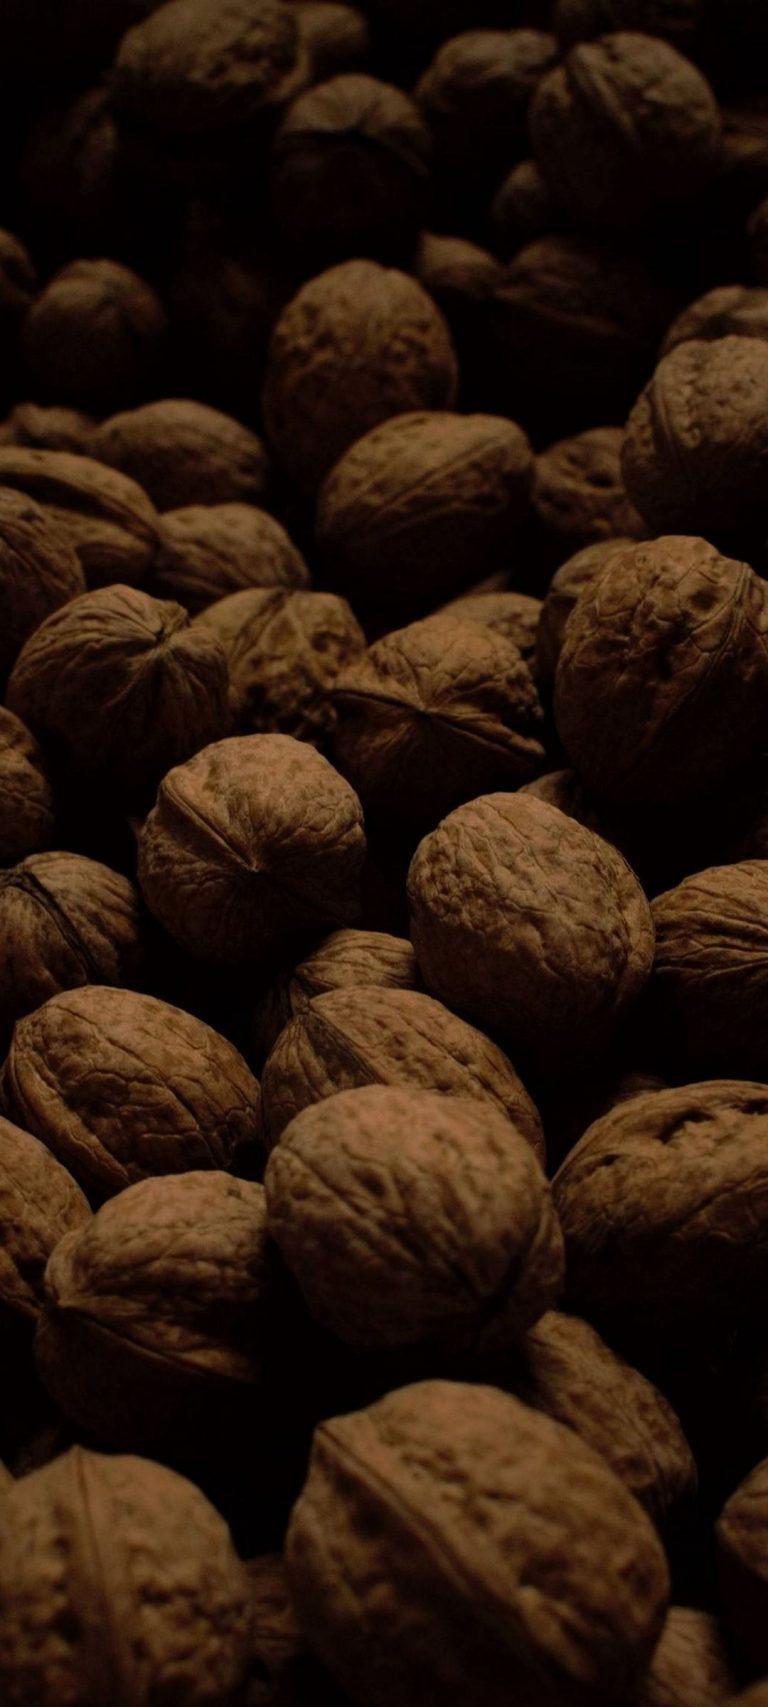 Dark Walnuts Food 1080x2400 768x1707